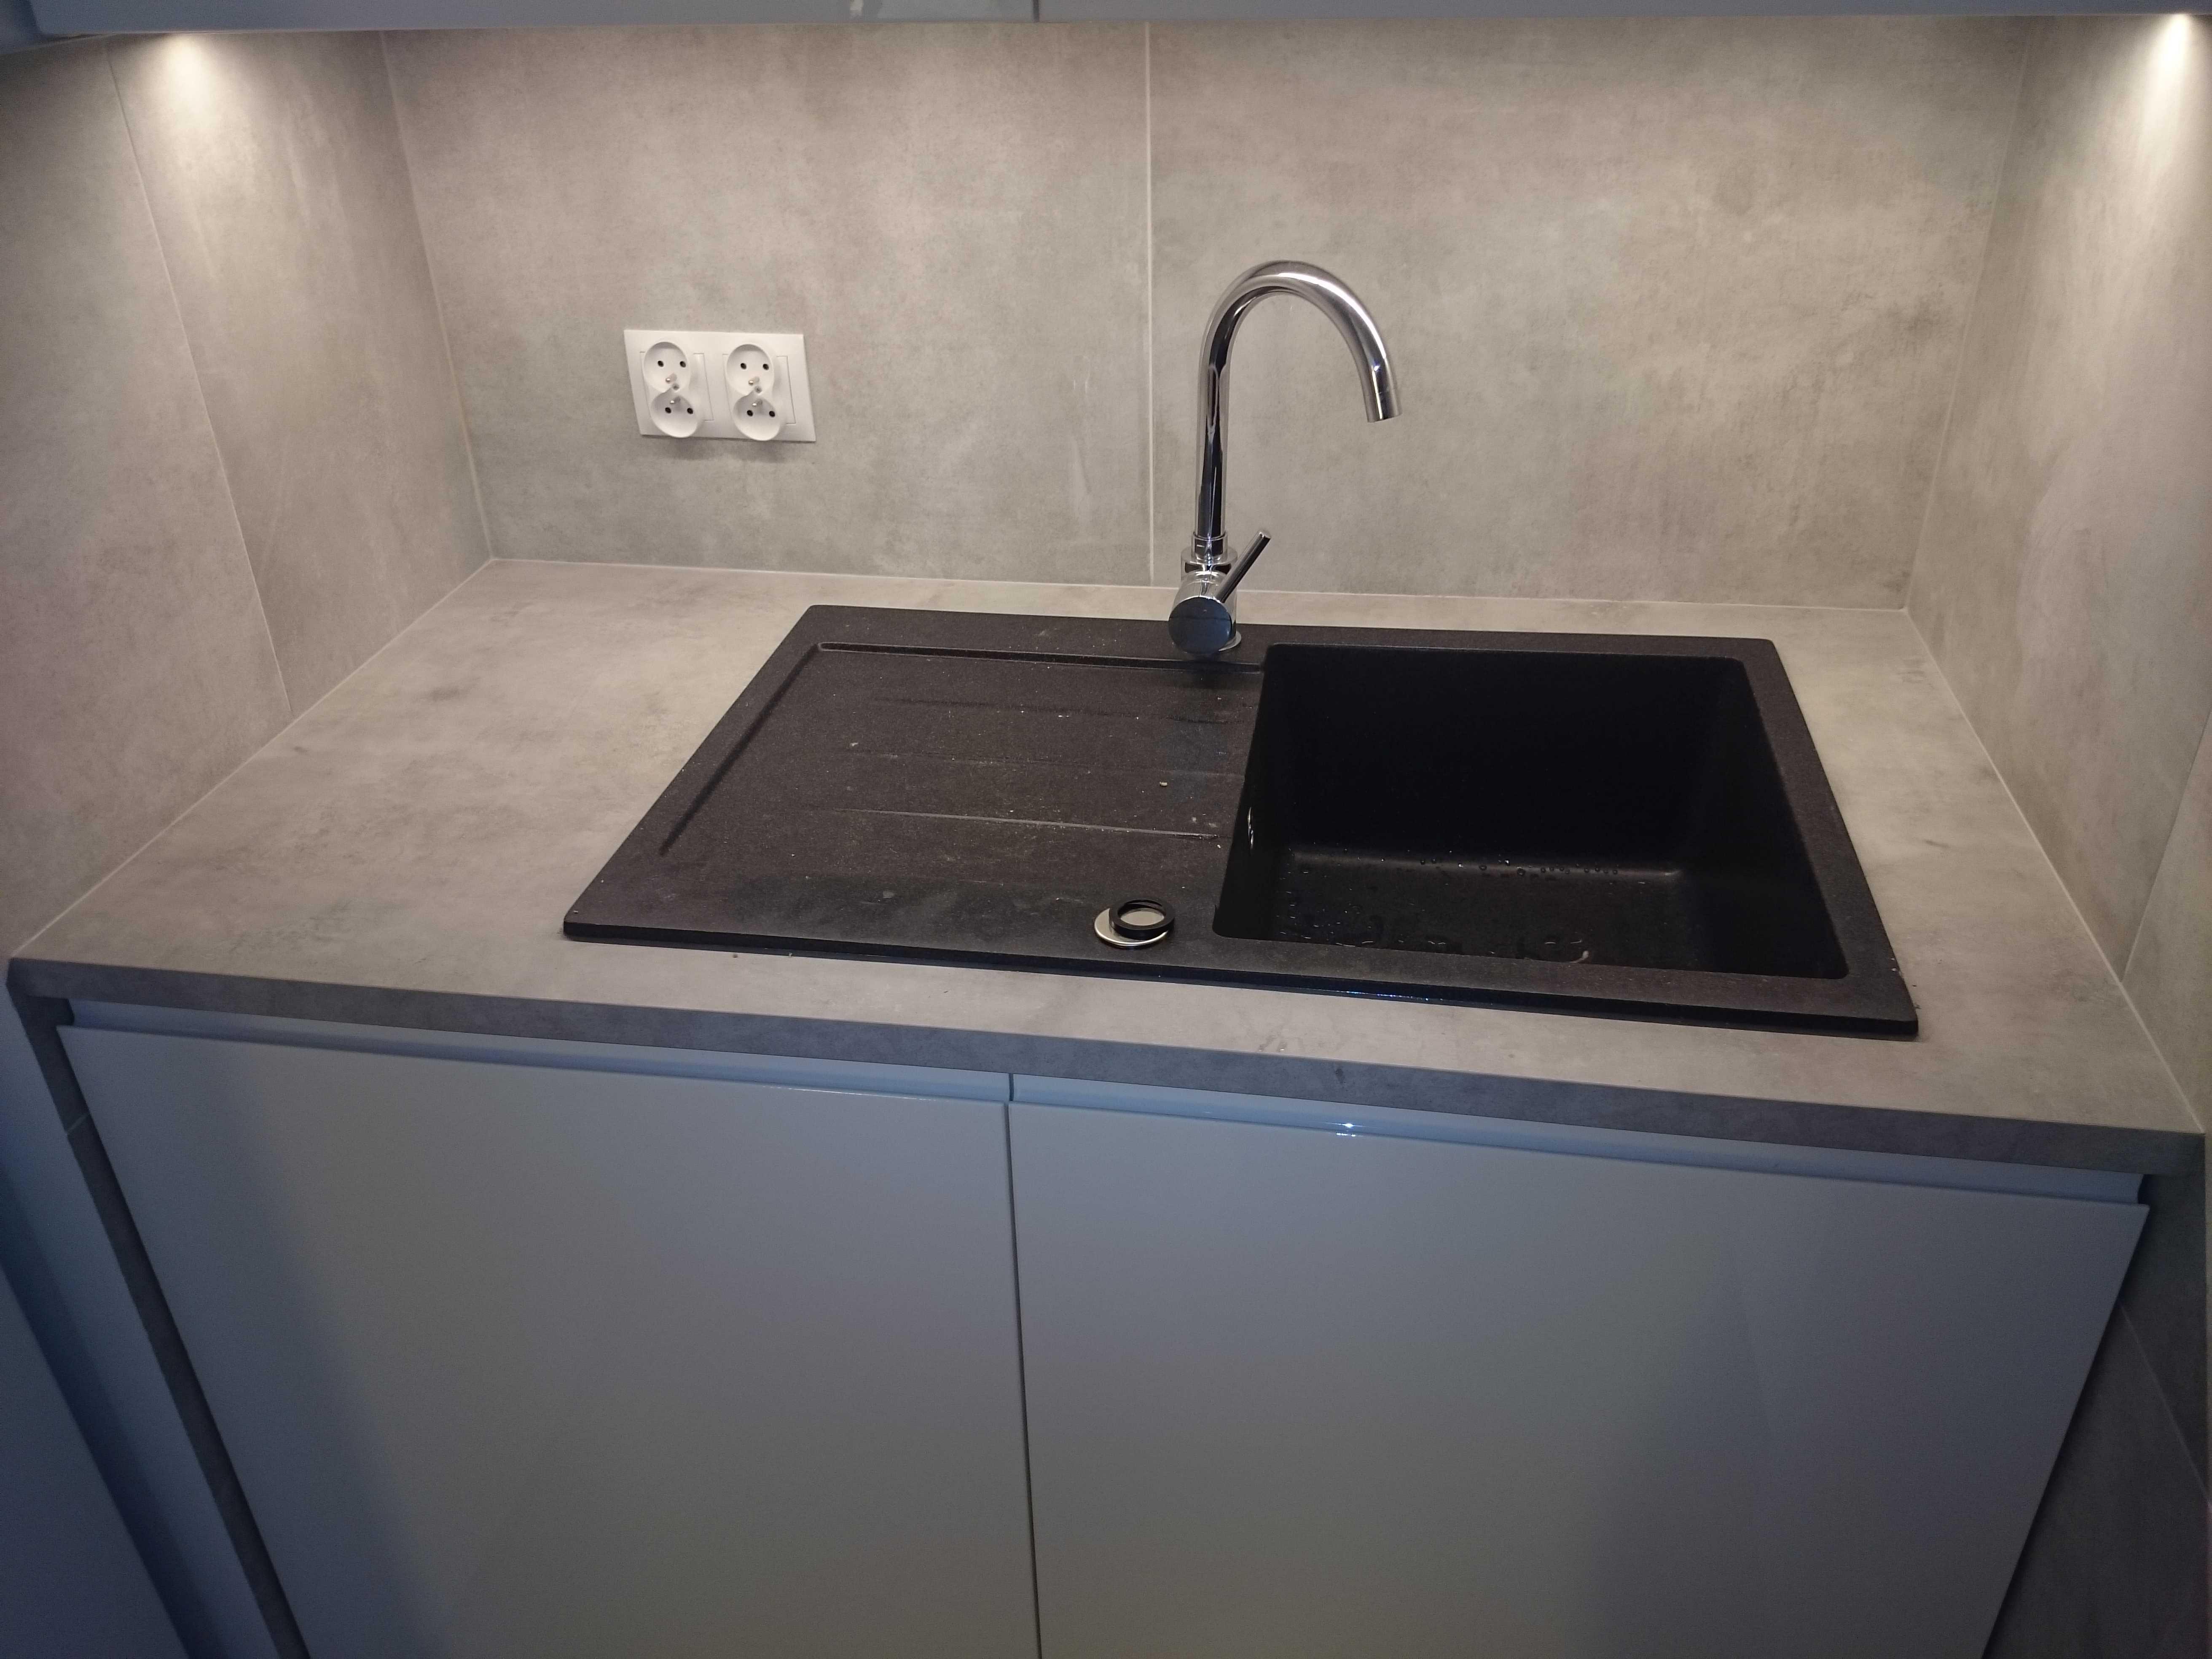 montaż mebli kuchennych z instalacją AGD - Kraków